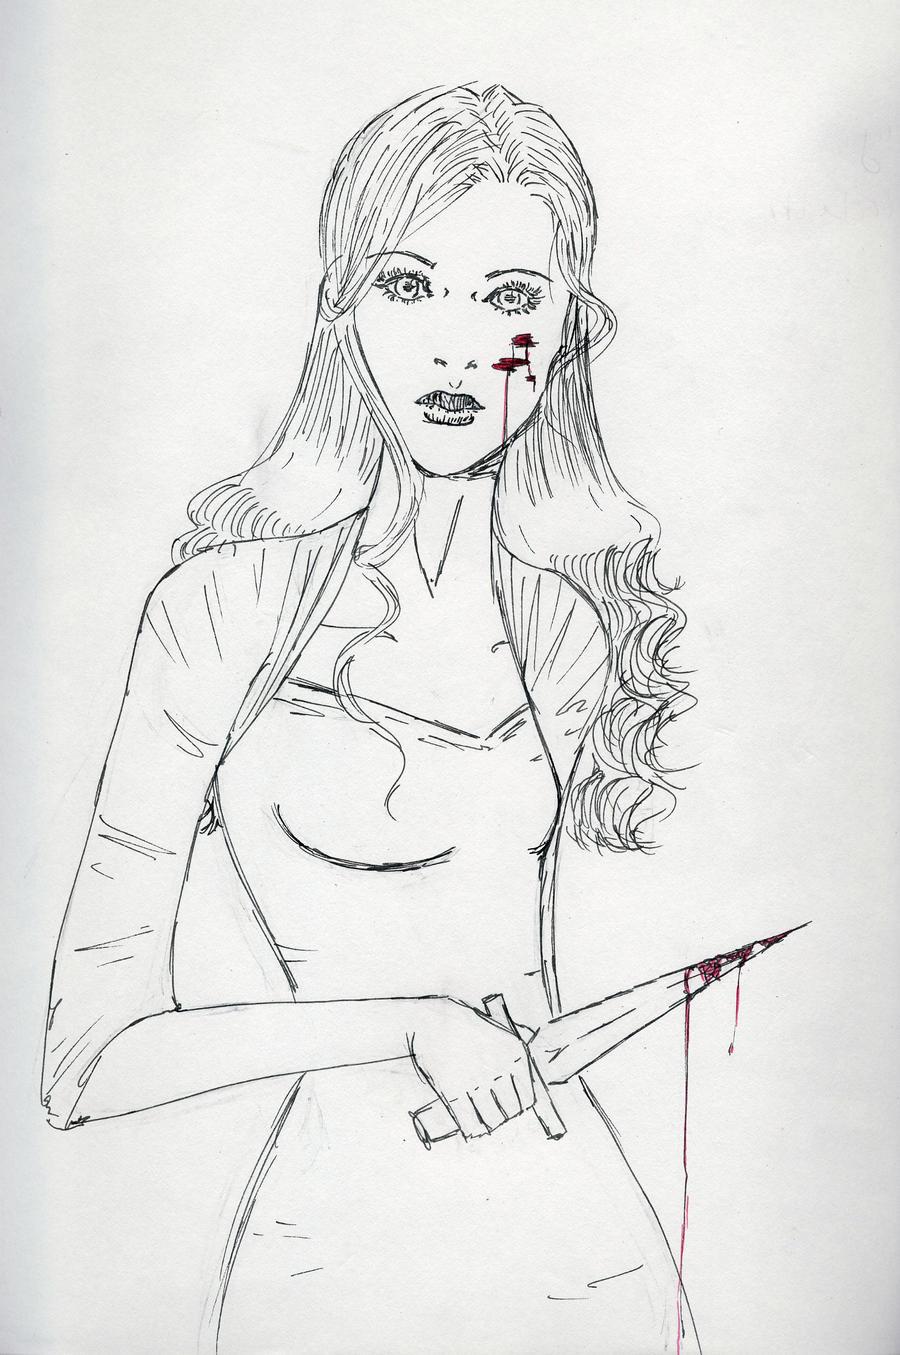 macbeth dagger drawing - photo #30